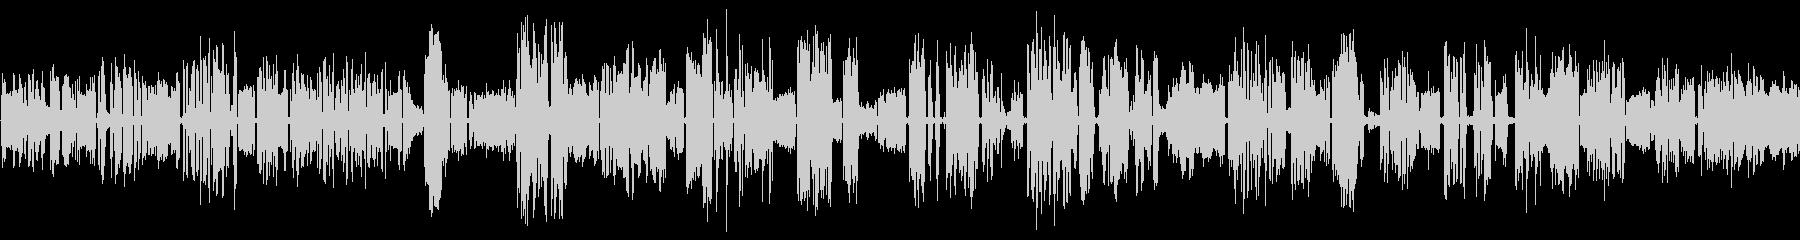 さまざまなホイッスル0-08の未再生の波形